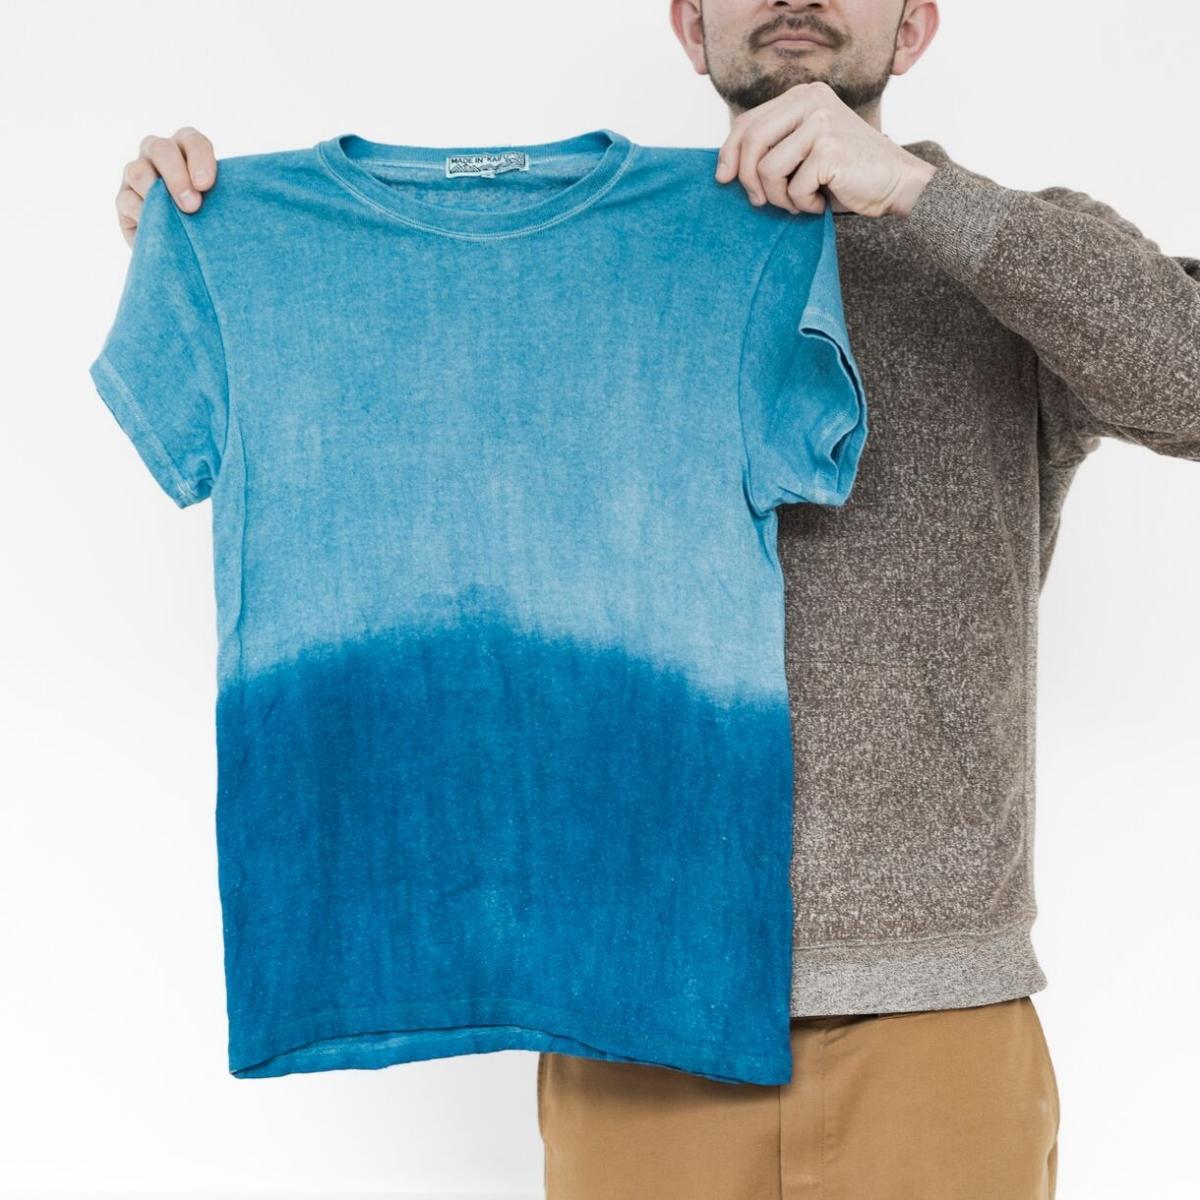 【ふるさと納税】IBB24 空海藍オーガニックヘンプコットンTシャツ(男女兼用)【伝統工芸】